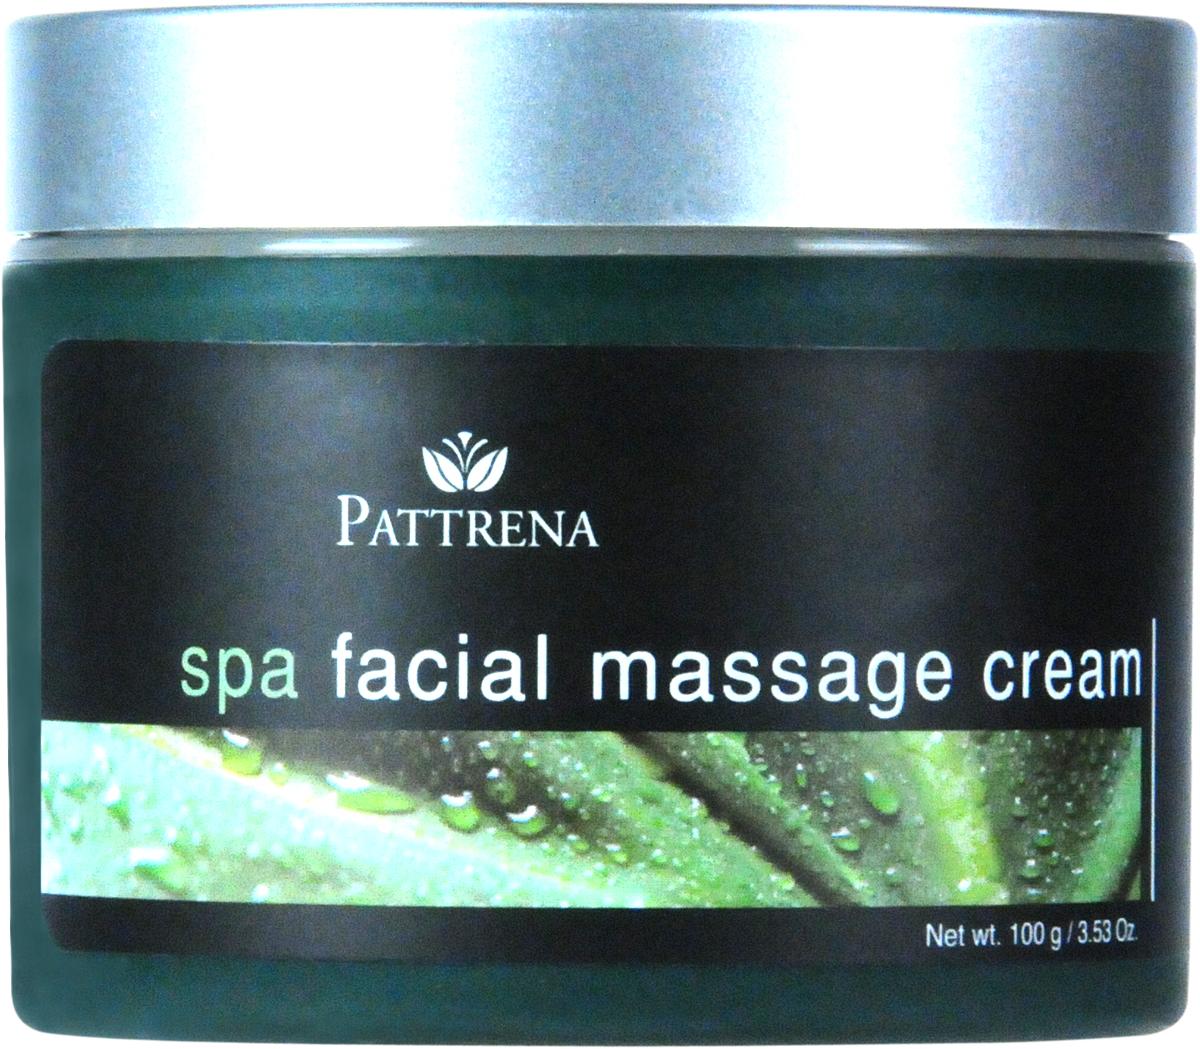 Pattrena Массажный крем для лица Паттрена Спа, 100 г65114Действие концентрированного массажа лица усилено благодаря различным растительным экстрактам, полезным для всех типов кожи. Огуречный экстракт, экстракт женьшеня и пуэрарии улучшает кровообращение и поддерживает нежность, блеск и эластичность вашей кожи, а также оставляет на вашем лице ощущение свежести, обновления и восстановления.Полезные свойства:• стимулирует кровообращение.• придает мягкость, блеск и гладкость коже, сохраняя этот эффект.• сокращает количество морщин и делает кожу более эластичной.